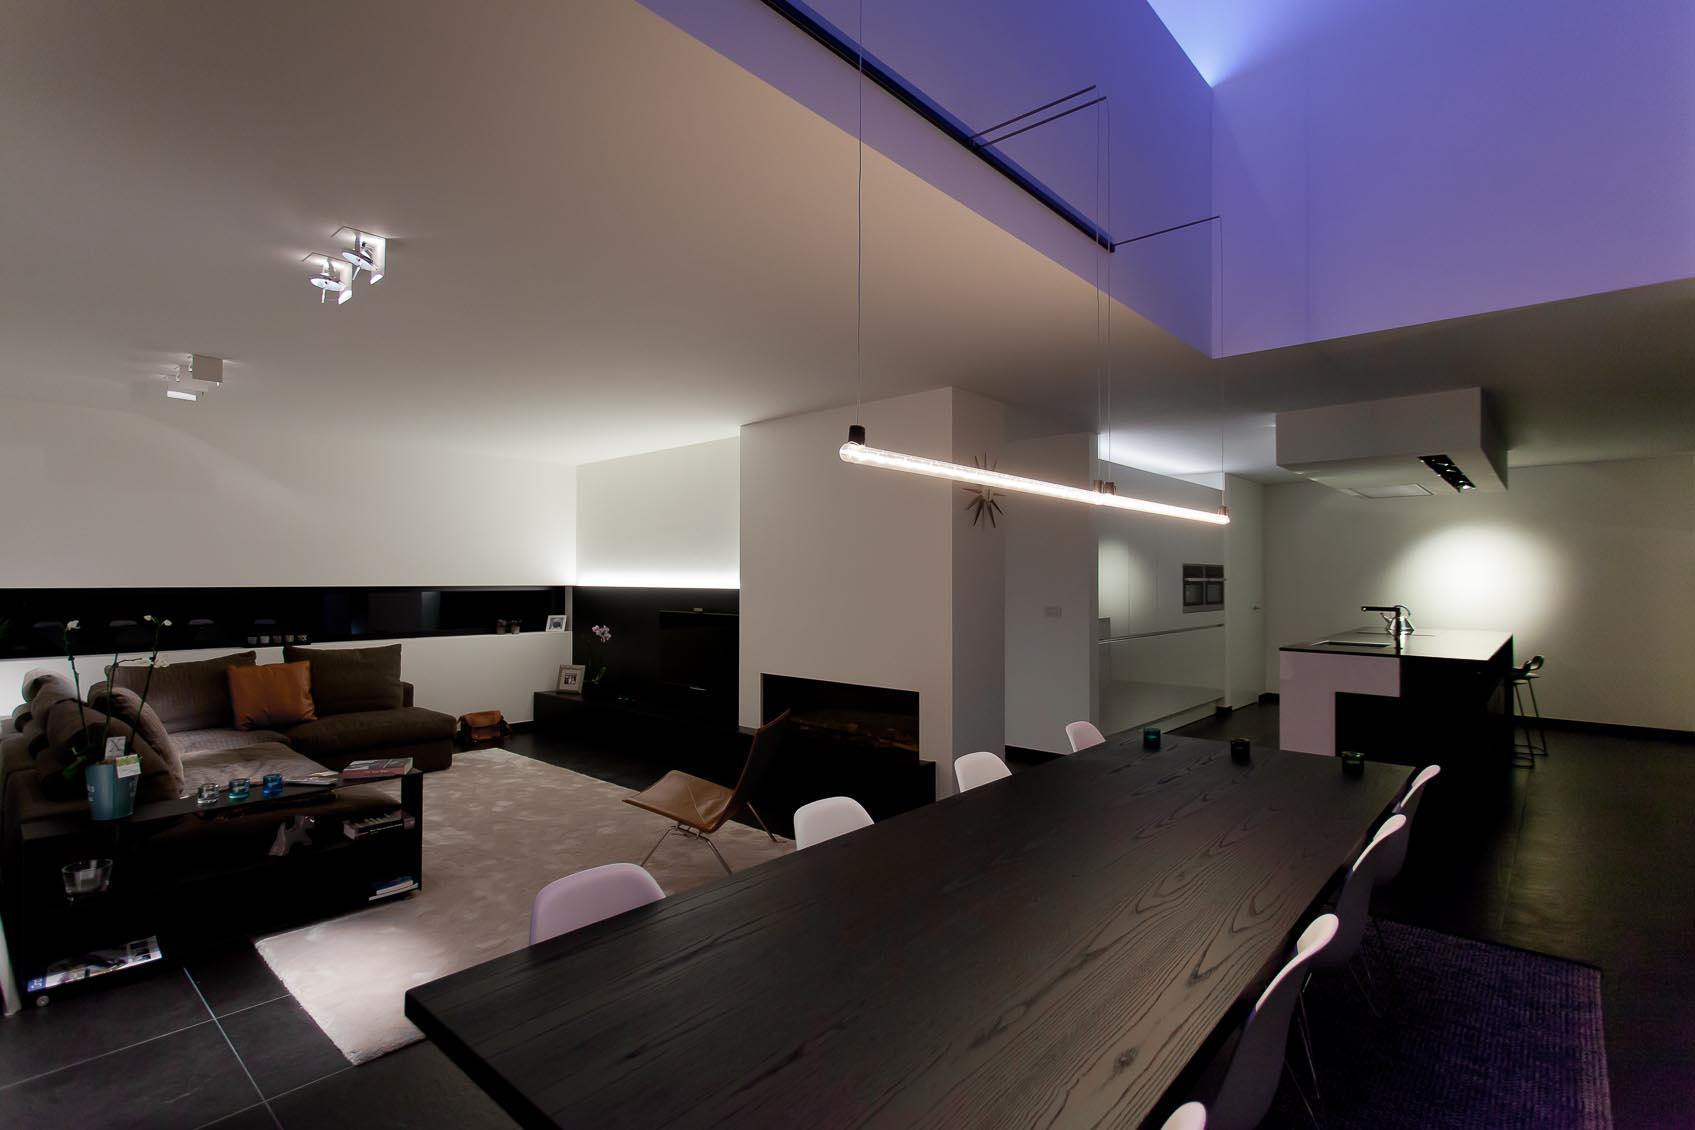 maatwerklichtoplossing voor hanglamp met de juiste sfeer door linestra lampen in vide bedacht door lichthuis